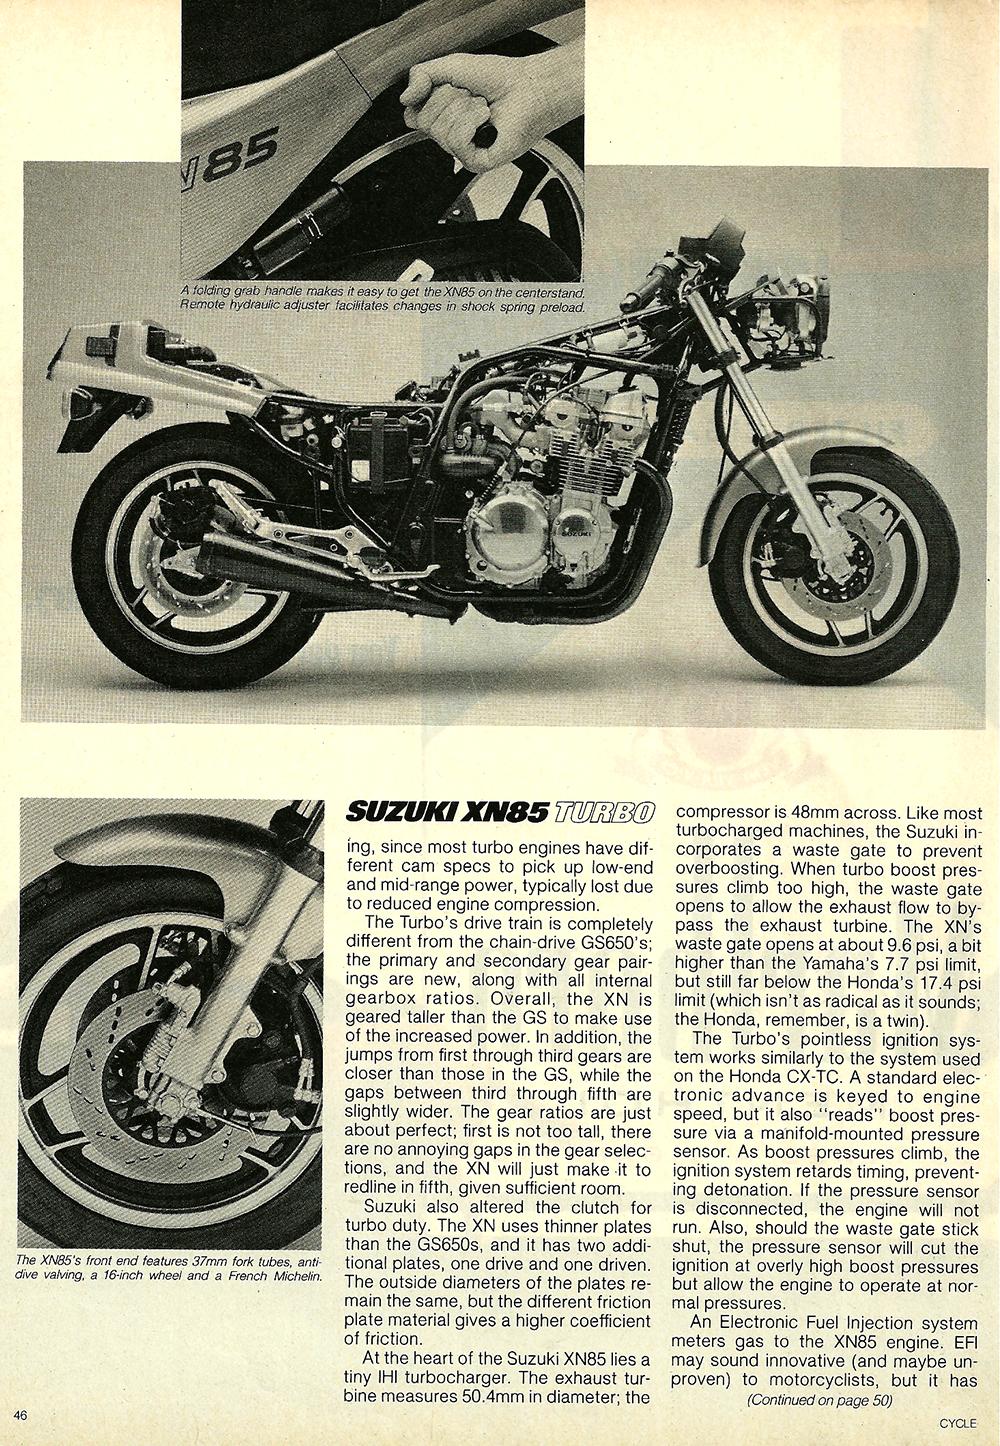 1983 Suzuki XN85 Turbo road test 7.jpg